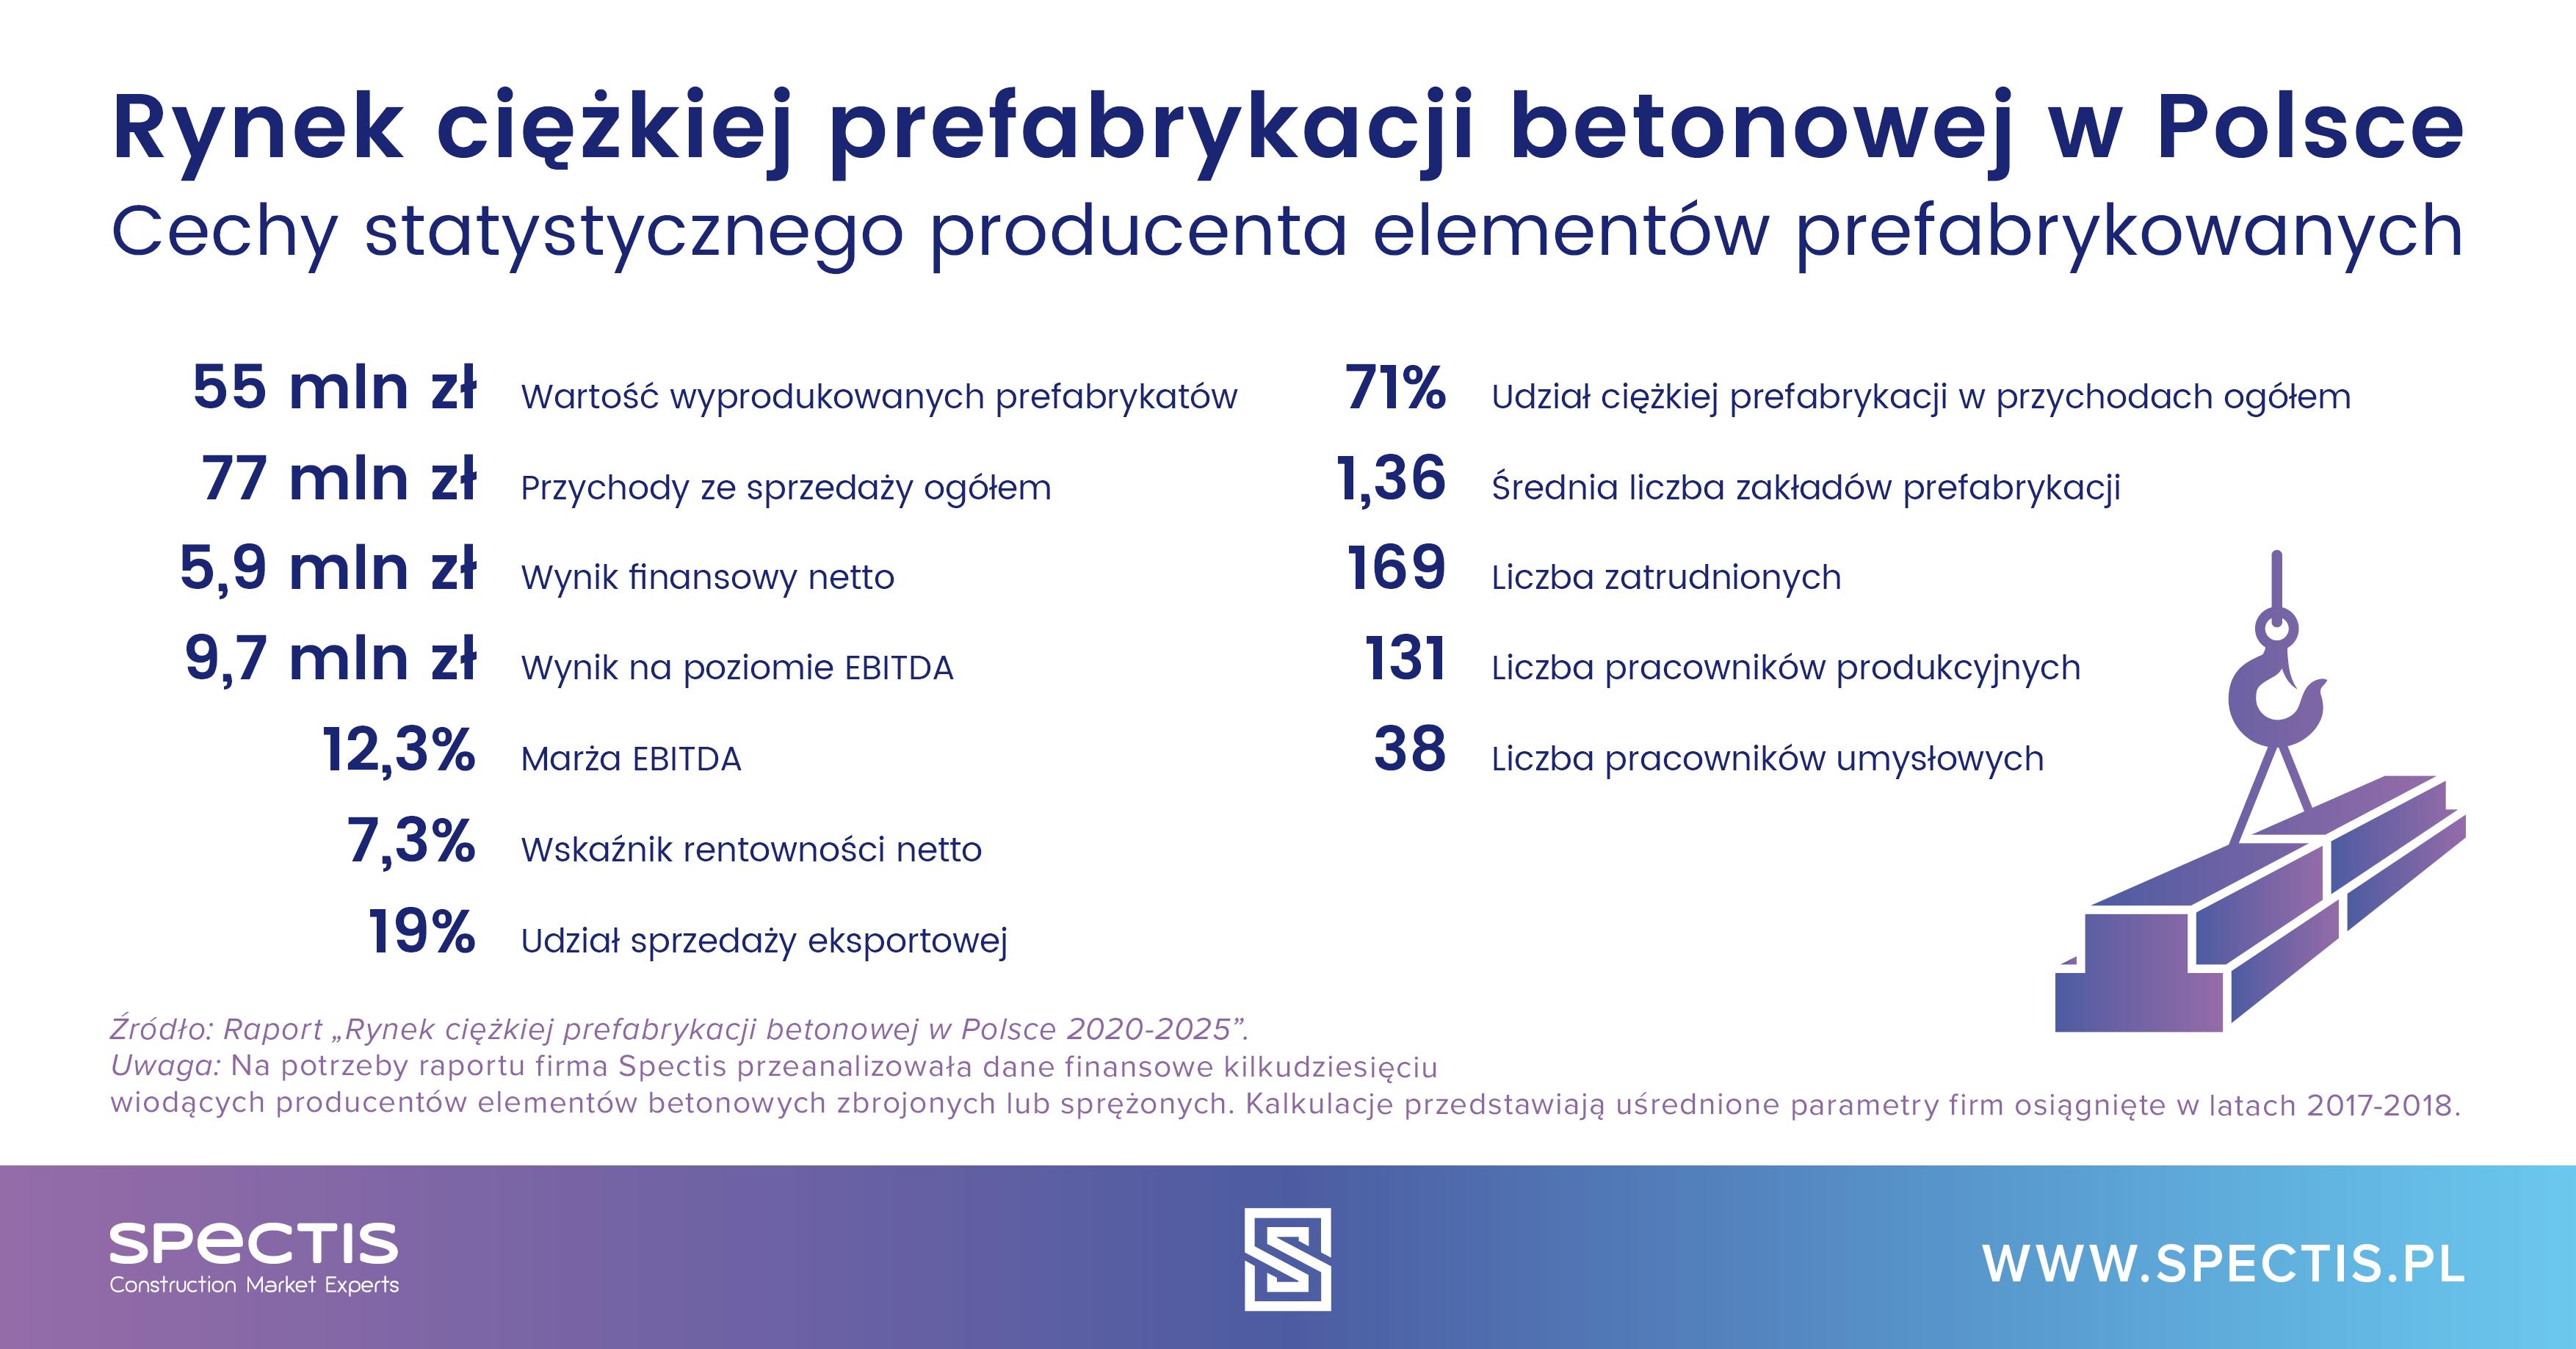 Rynek ciężkiej prefabrykacji betonowej w Polsce nadal mocno rozdrobniony